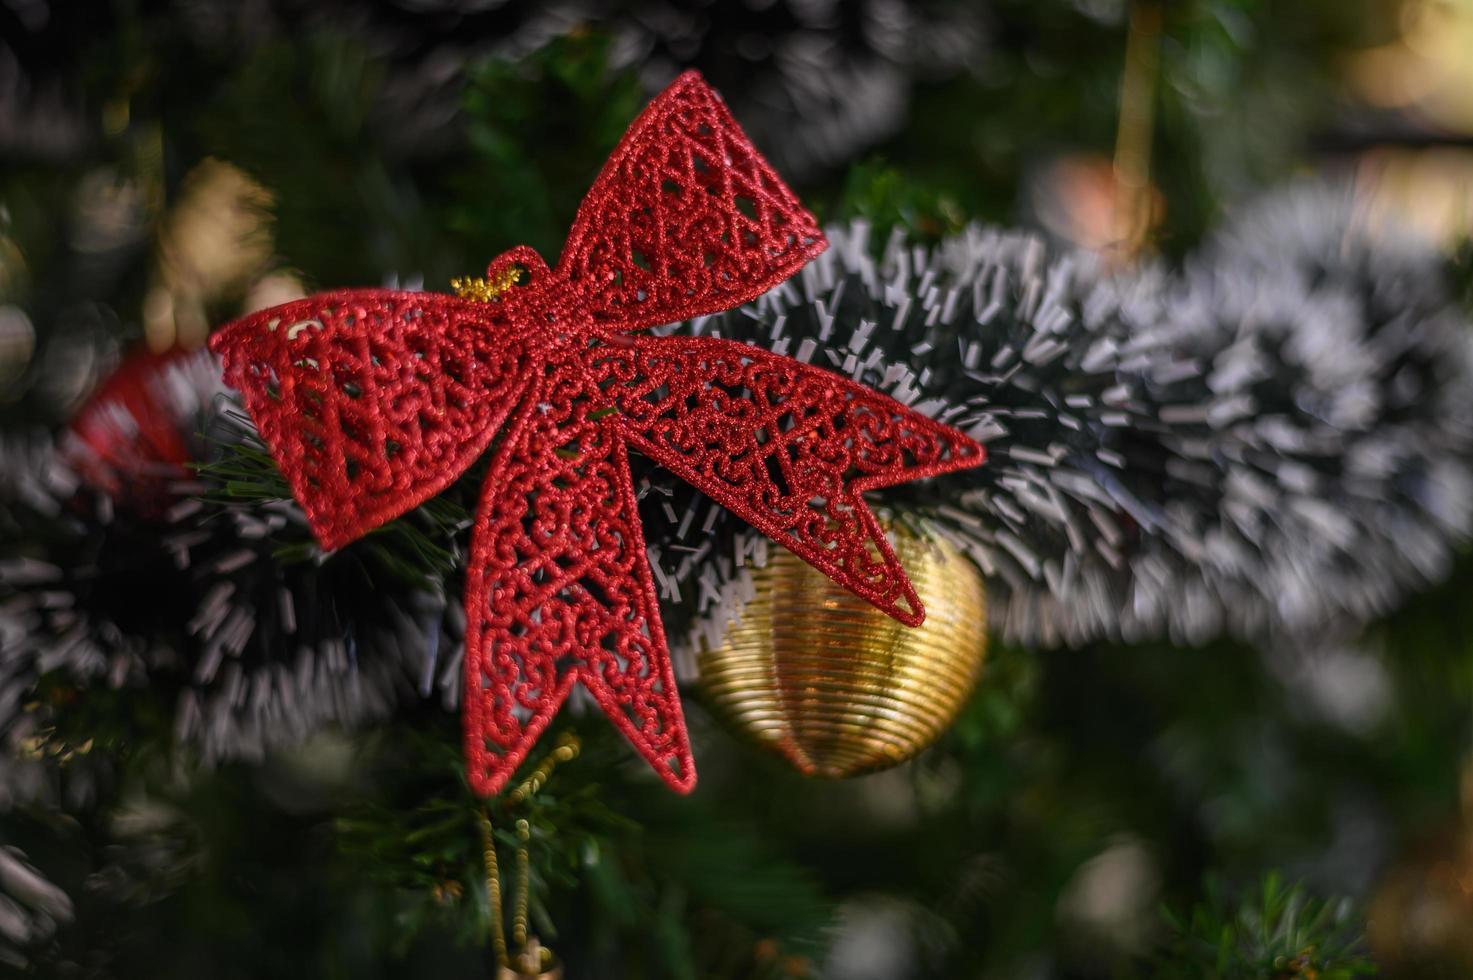 närbild av en röd rosett på ett julgran foto